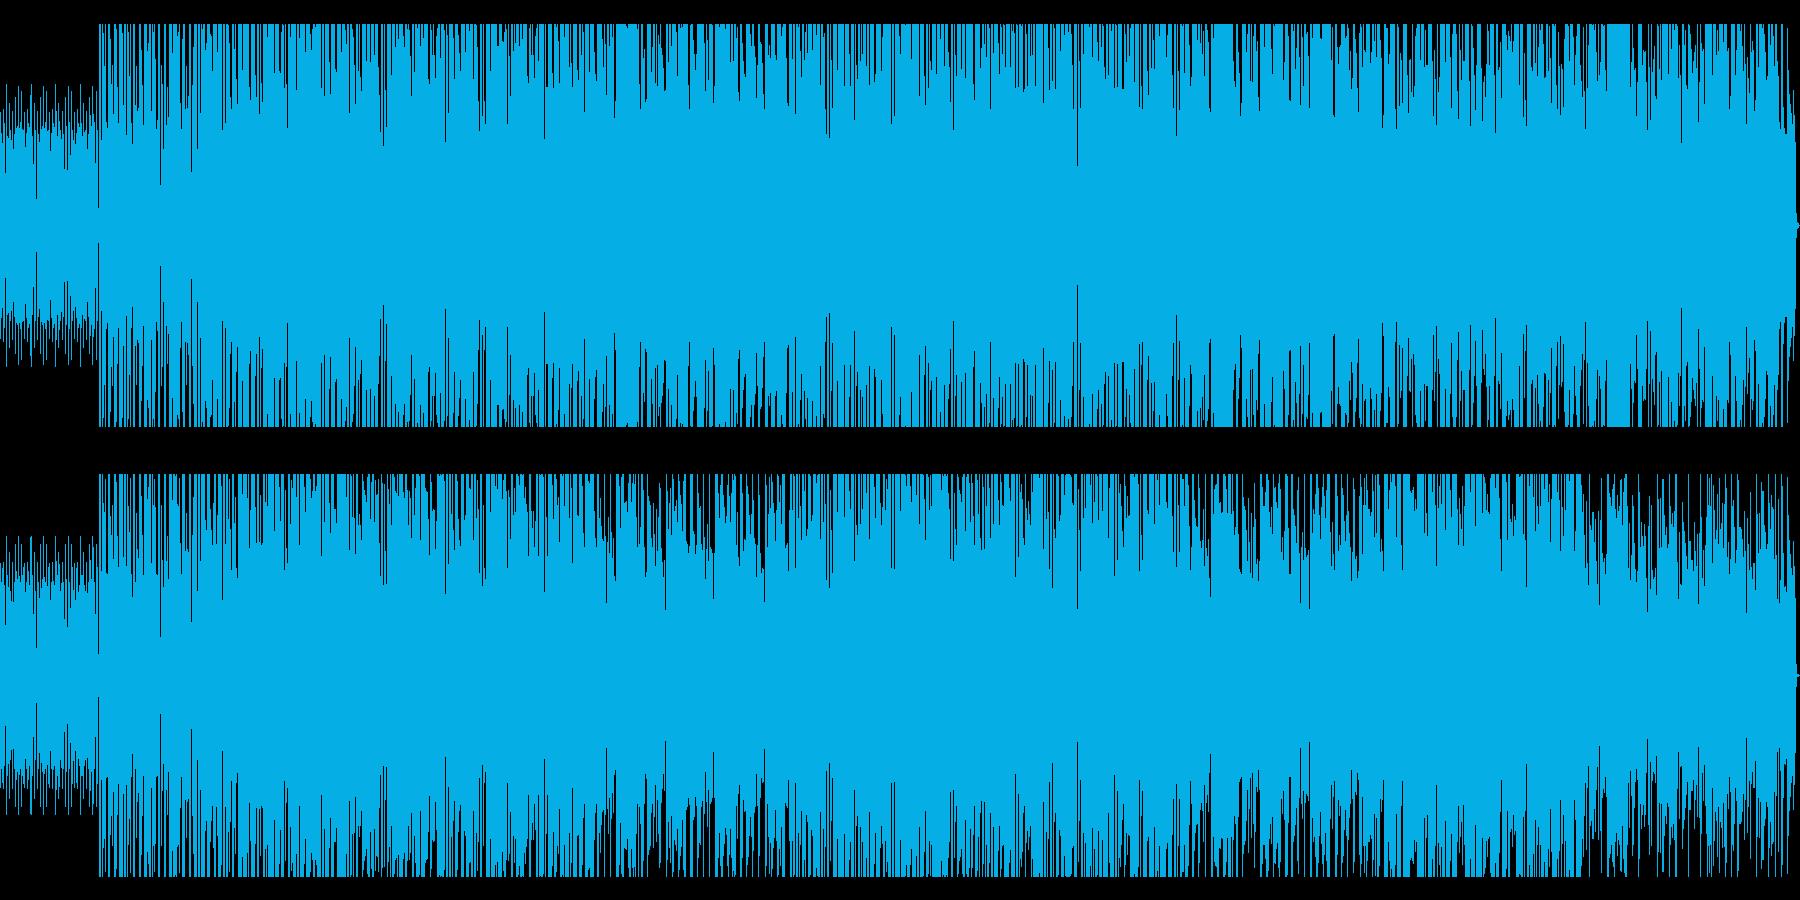 シンセが印象的なドライブをイメージした曲の再生済みの波形